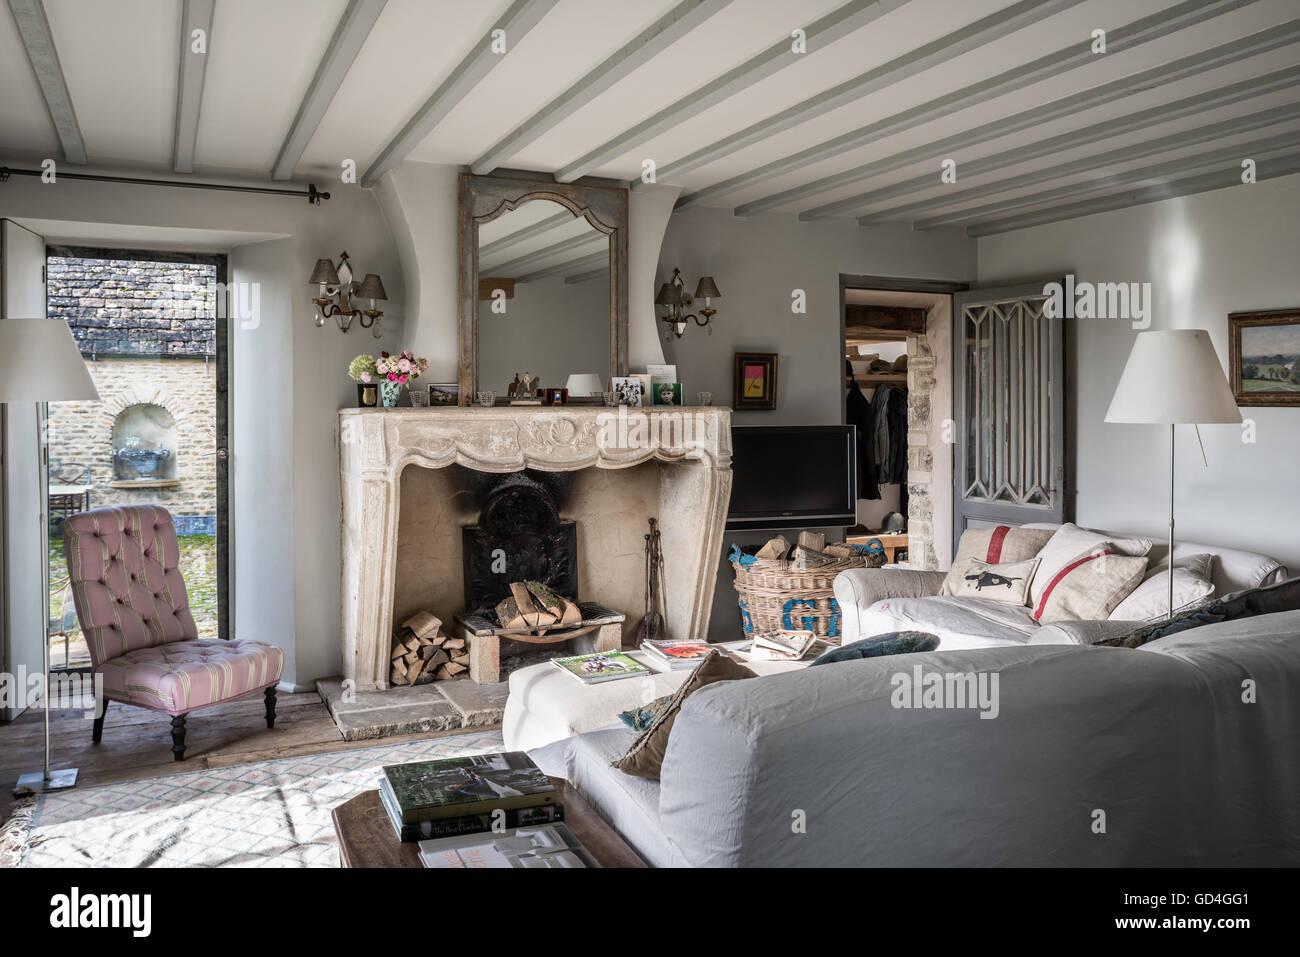 Französischen Kamin mit Leinen Slip bedeckt Polster und zugeknöpft Stuhl Stockbild